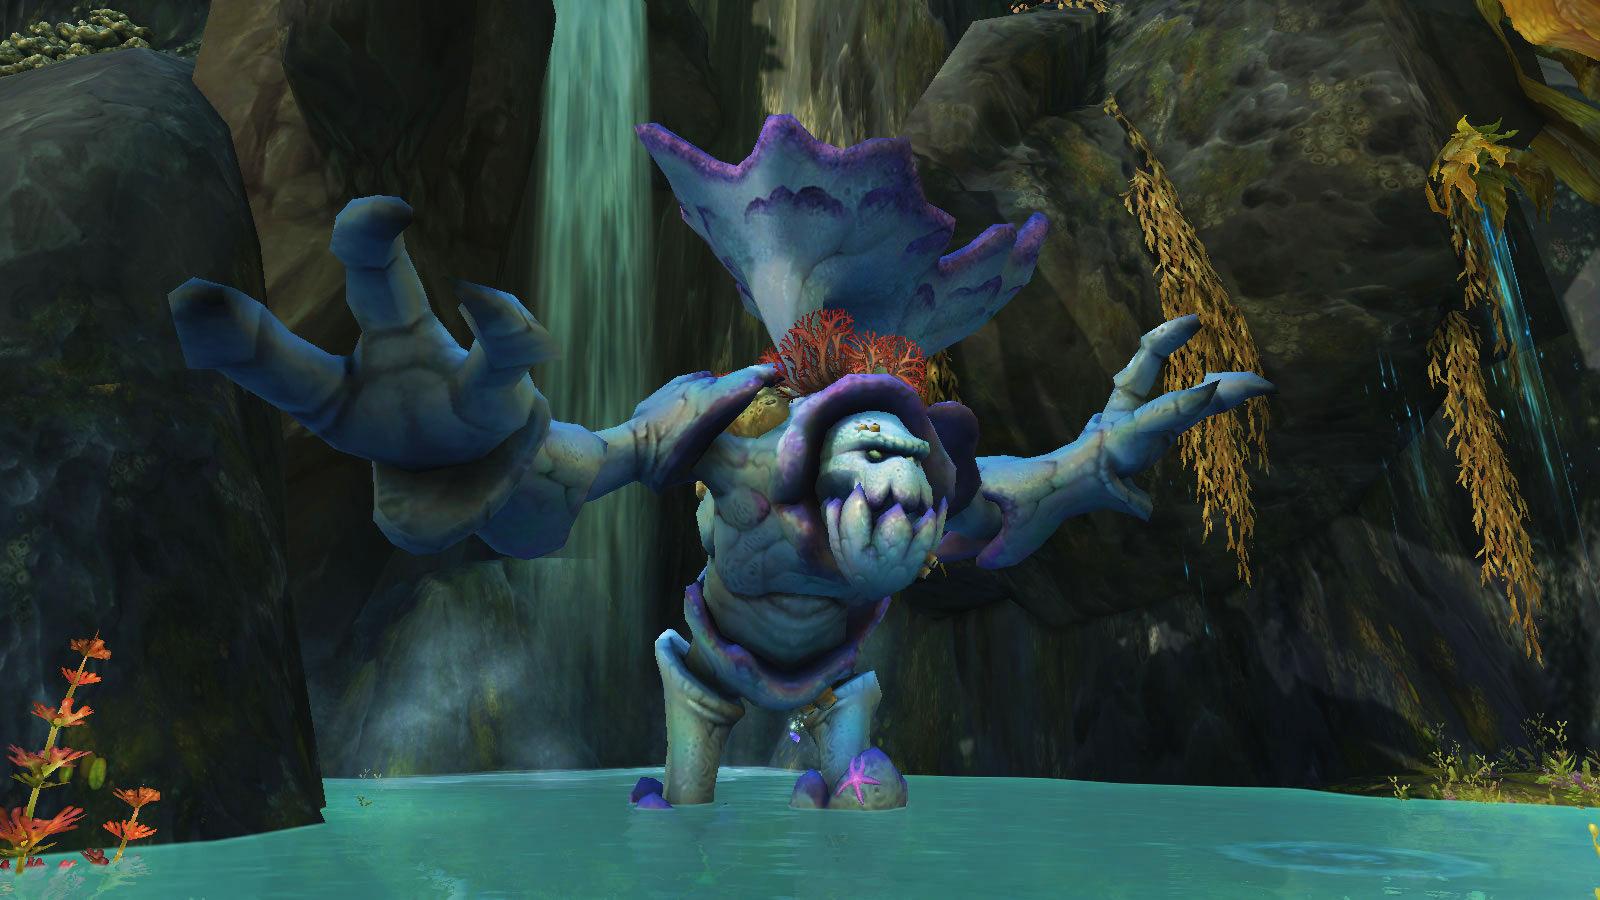 Saulicorne, l'Ancien marcheur des récifs